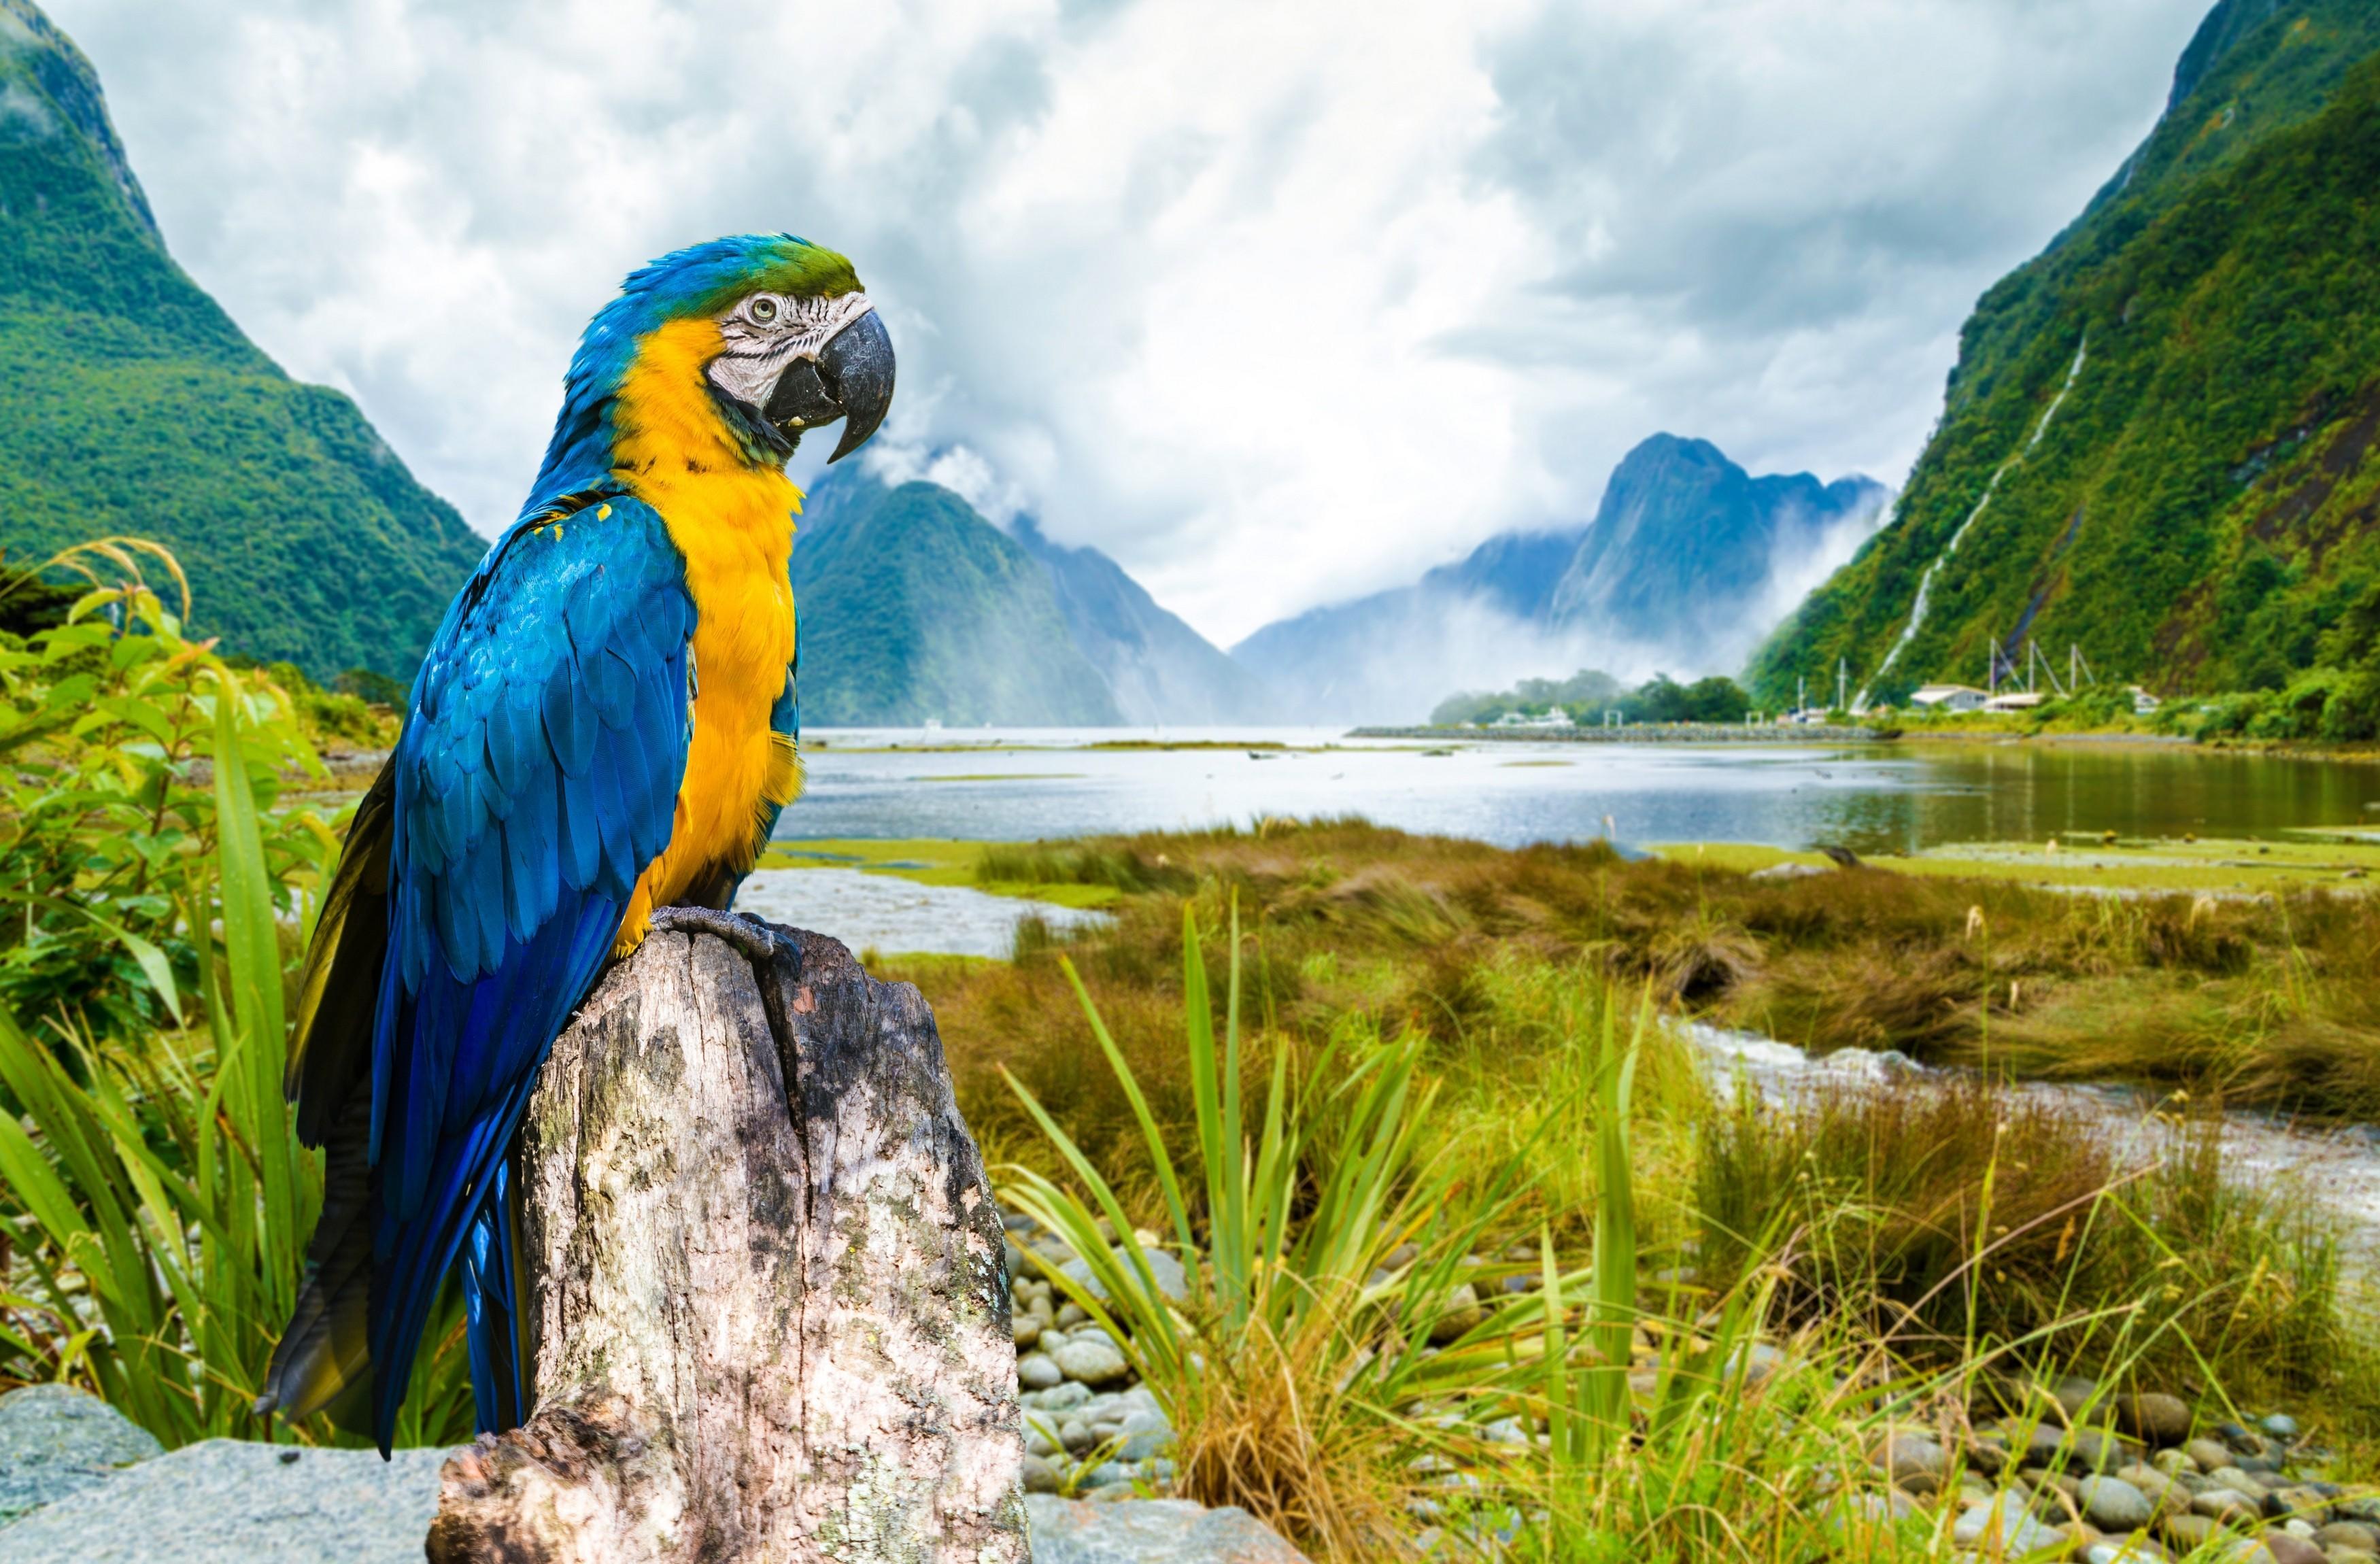 Vista Wallpaper Hd Guacamayo Azul Y Amarillo Full Hd Fondo De Pantalla And